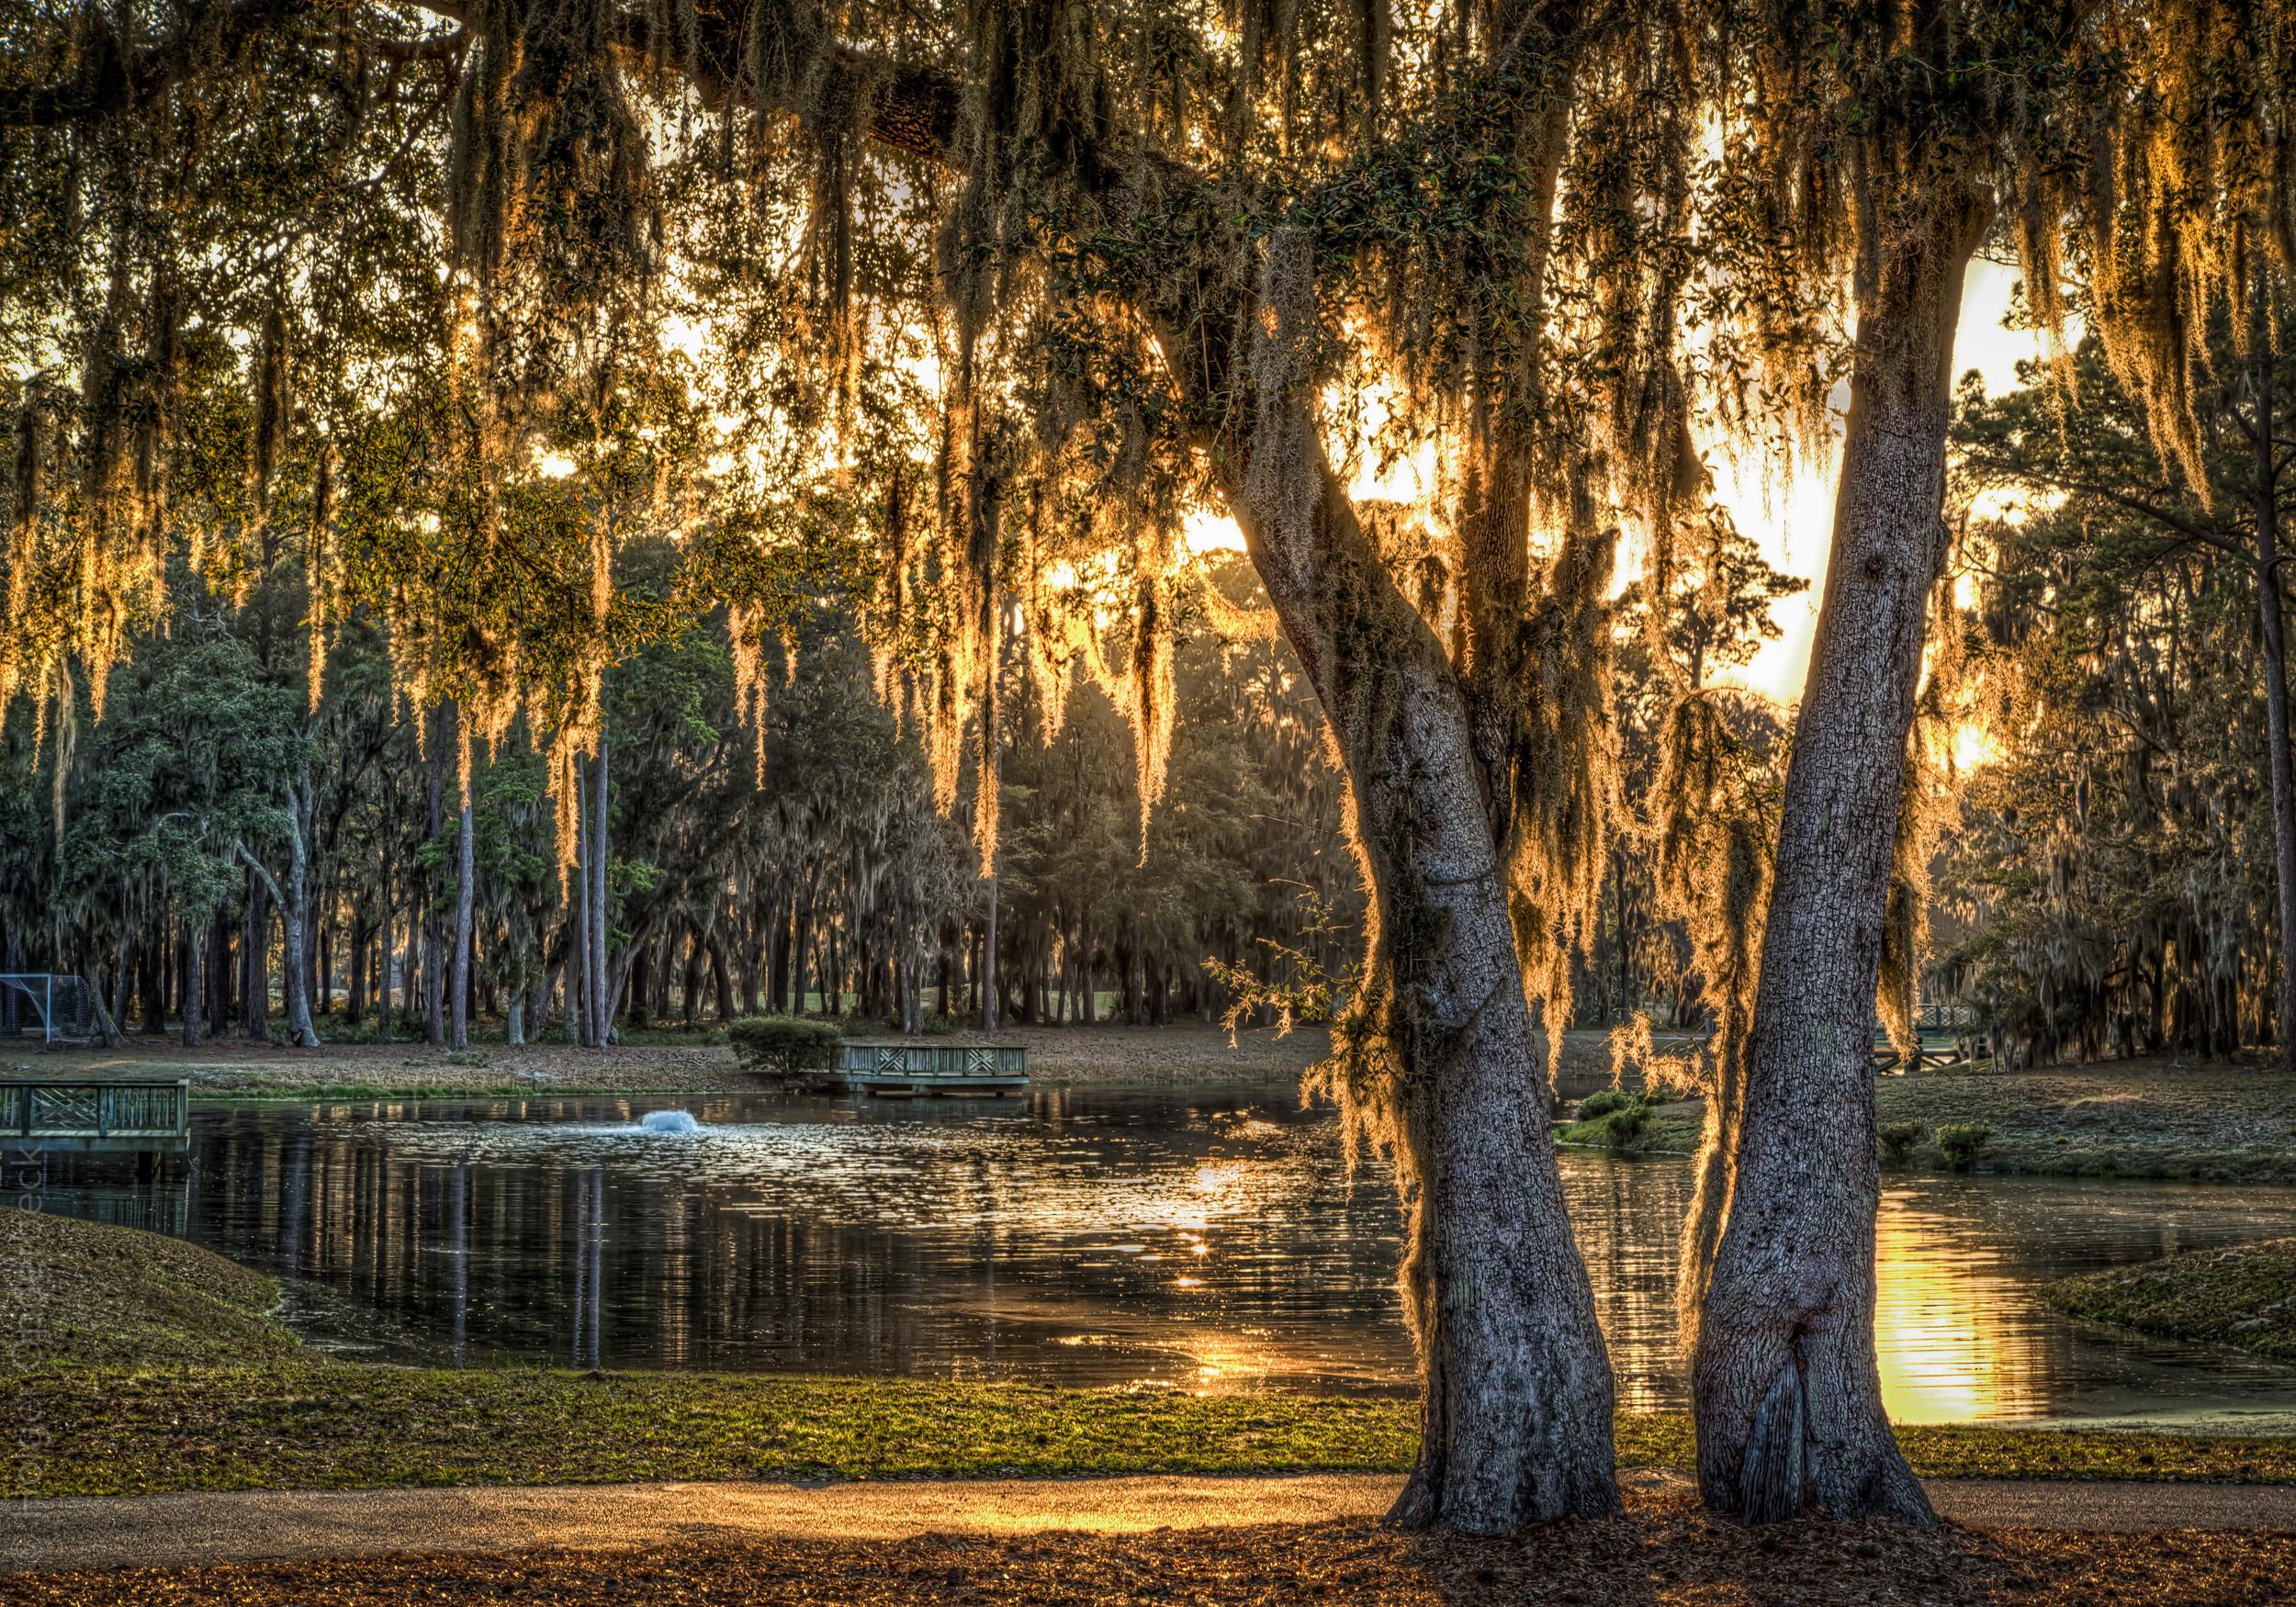 trees-sunset-community-center-pond.jpg